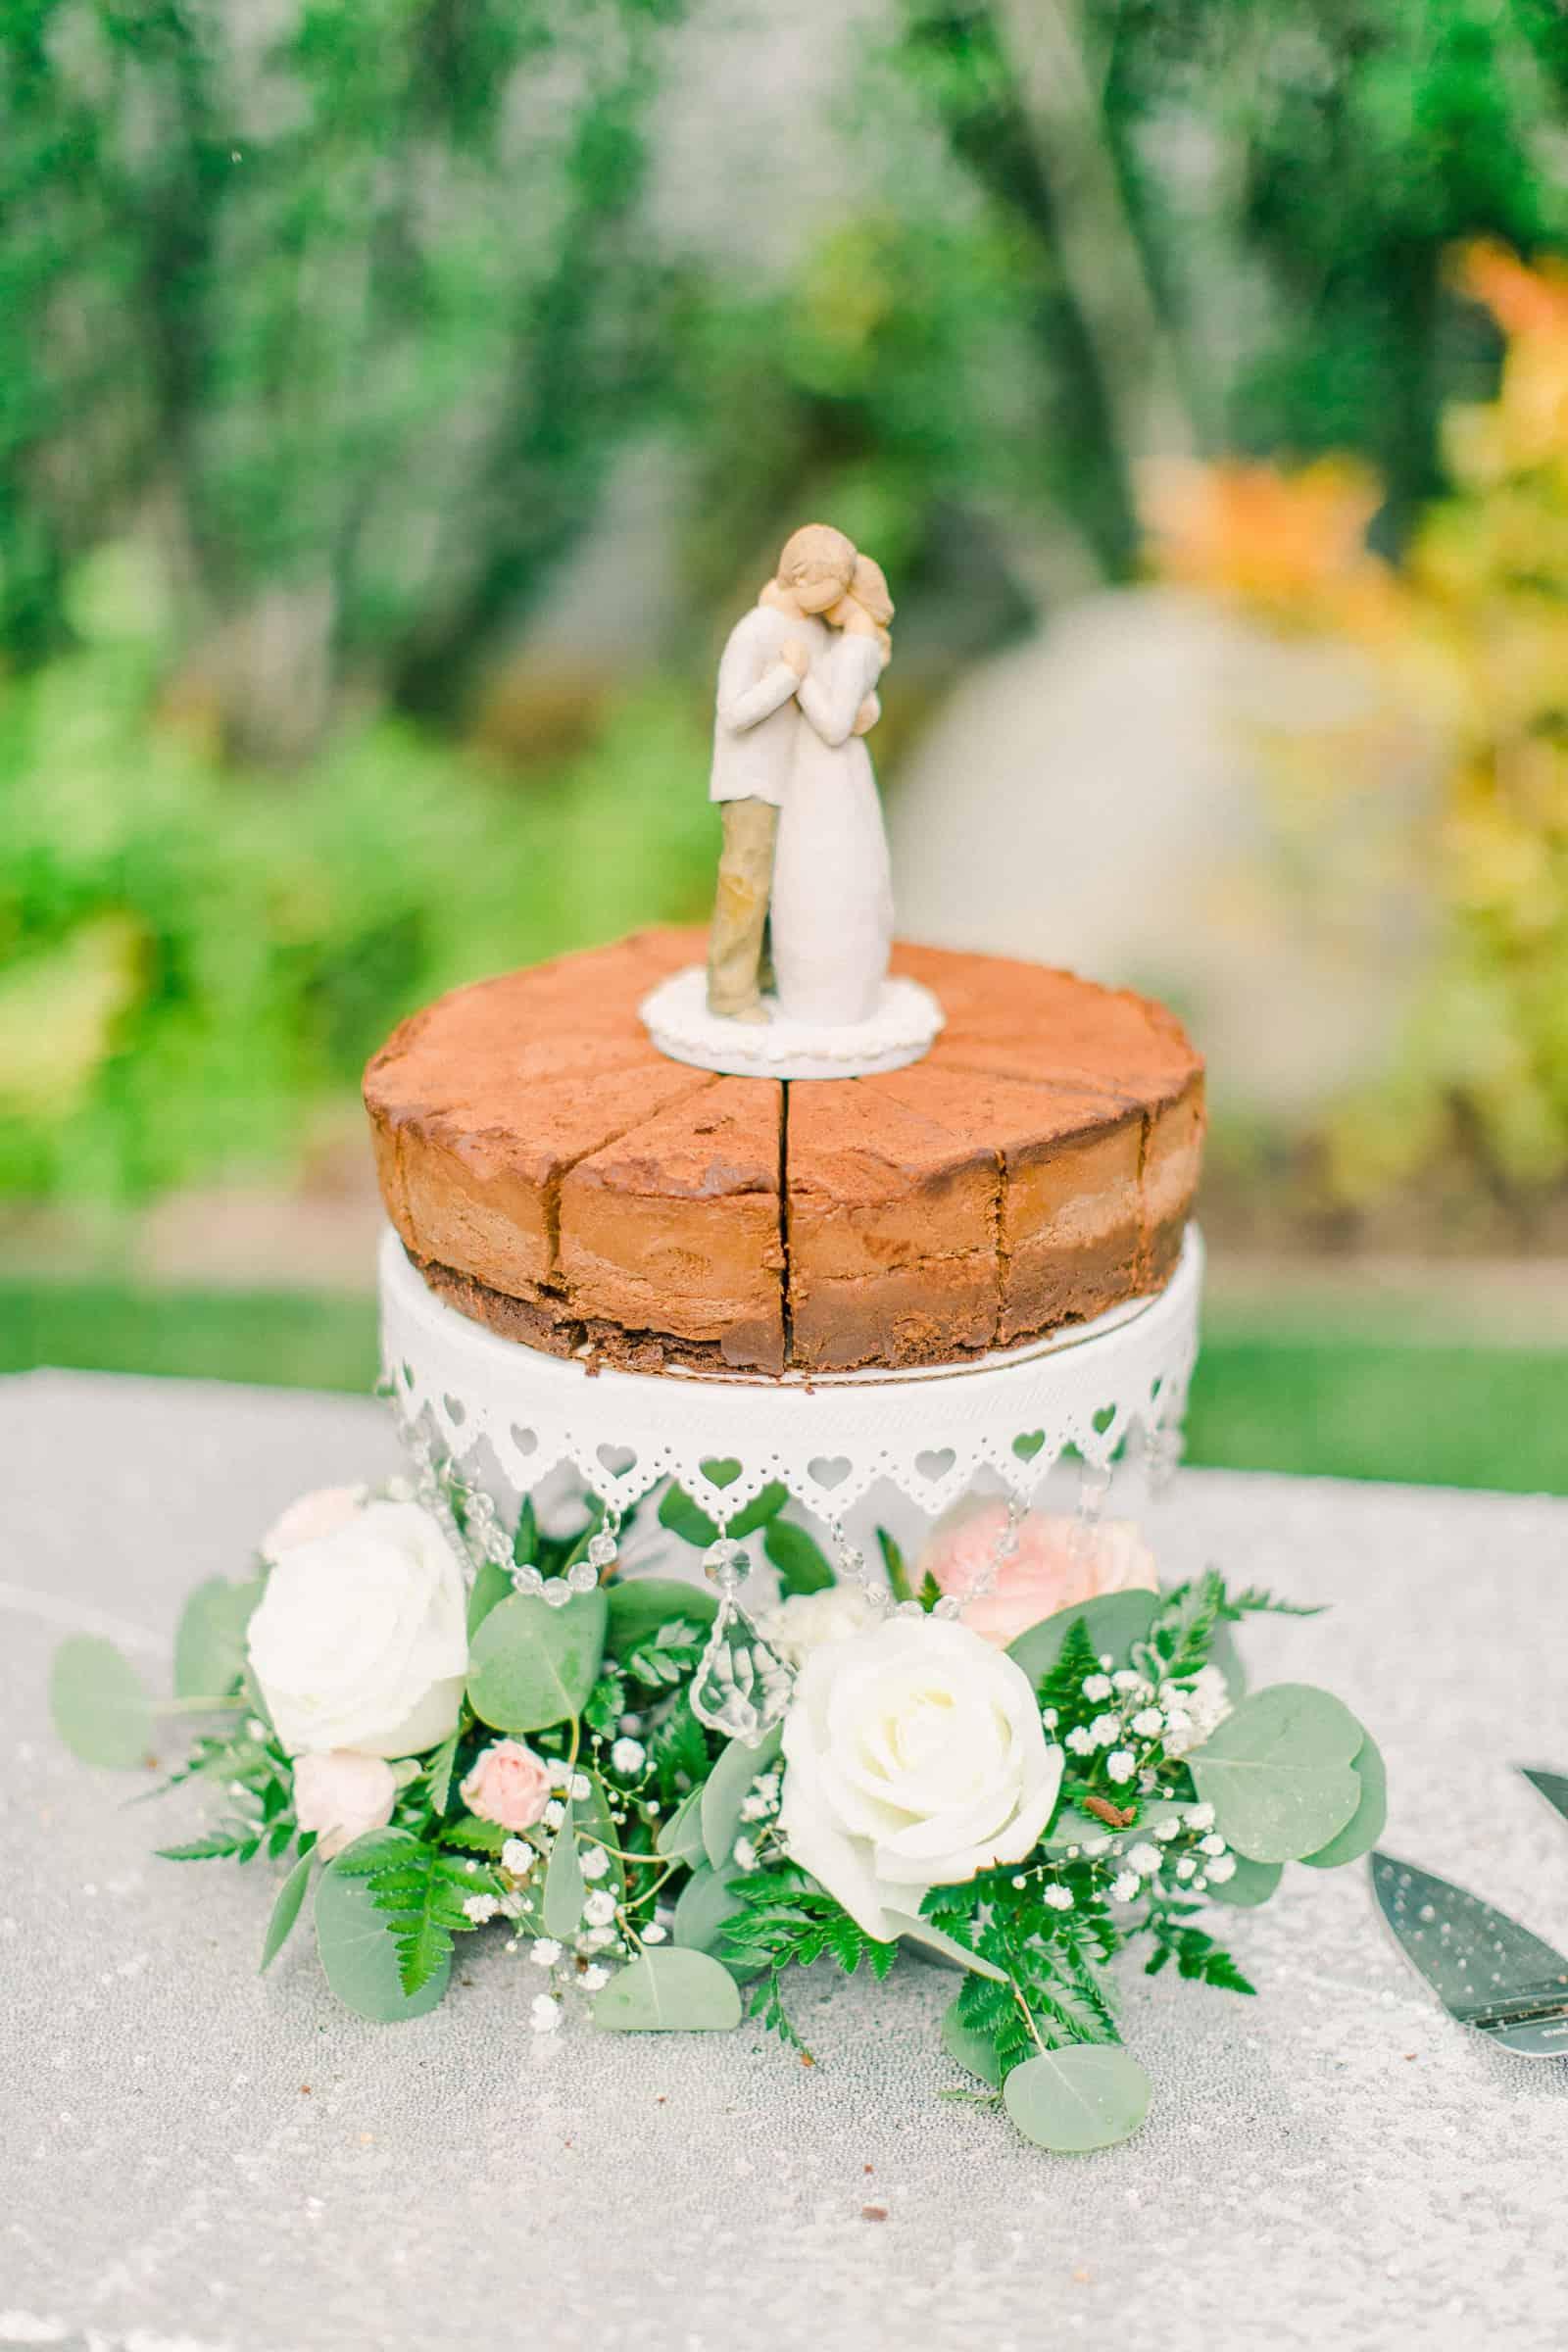 Draper LDS Temple Wedding, Utah wedding photography, summer backyard wedding, chocolate cheesecake wedding cake